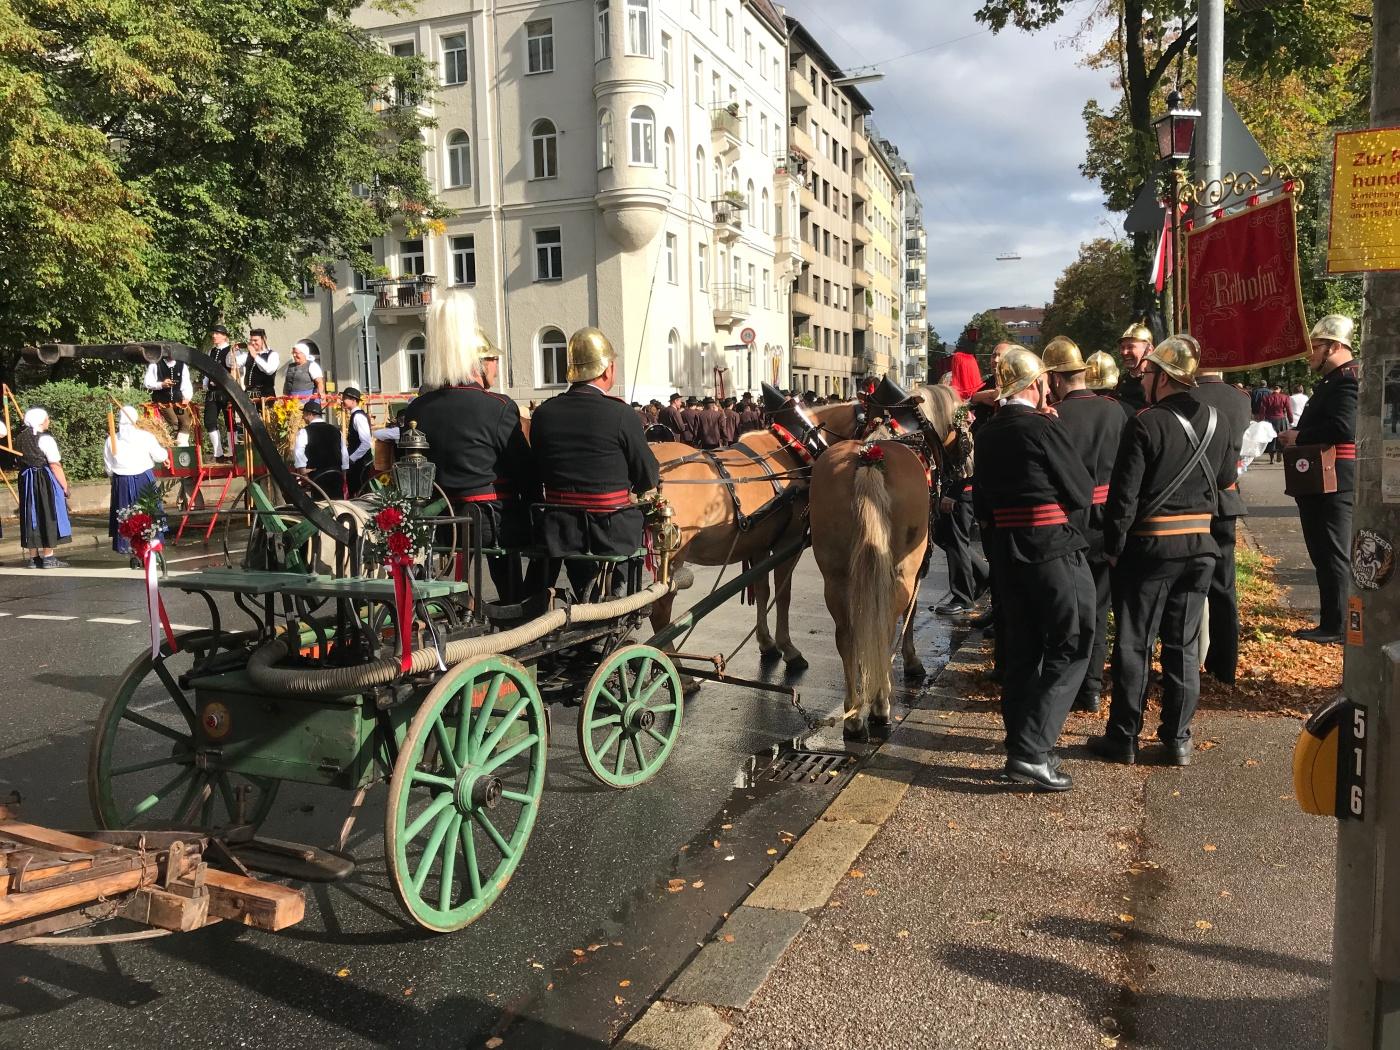 Trachten- und Schützenzug - Munich - Octoberfest 2018 - Wahlmünchnerin - Old Fire Brigade